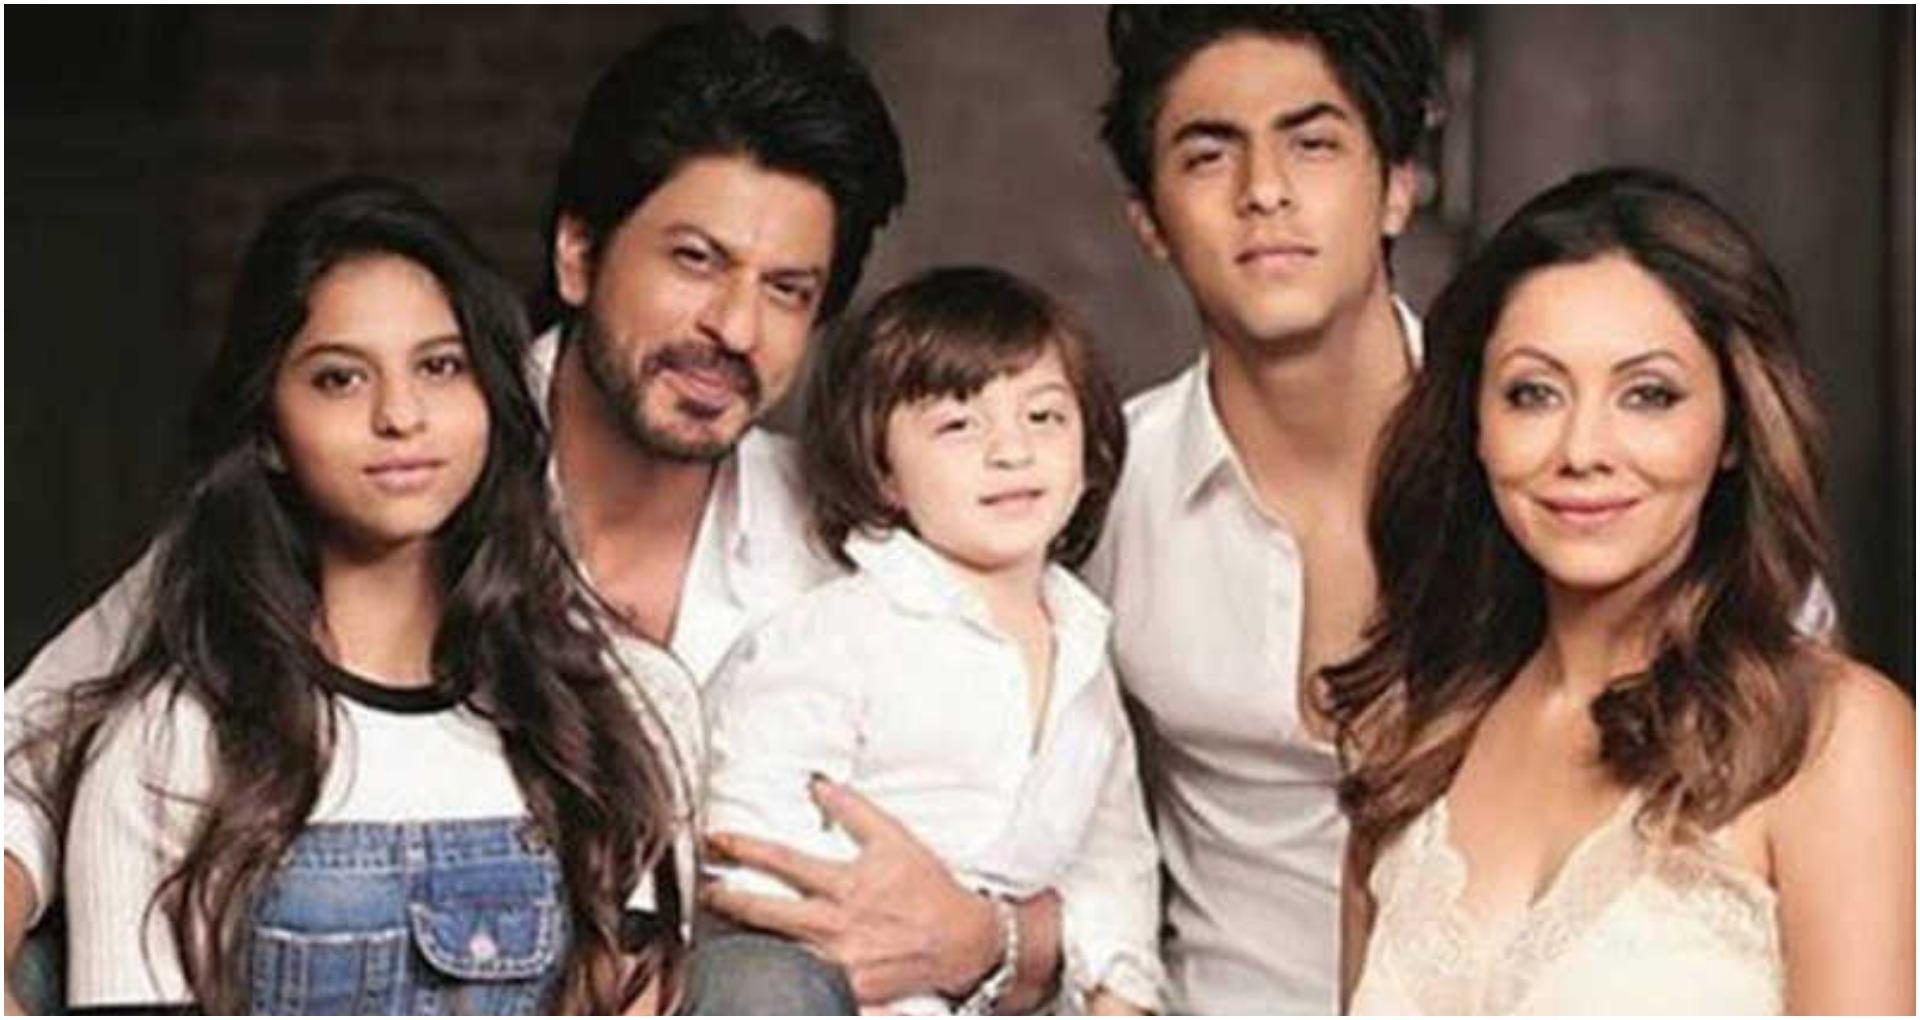 शाहरुख खान का बयान हो रहा वायरल, कहा-मैं मुसलमान, पत्नी हिंदू और बच्चे हिन्दुस्तान देखें वीडियो